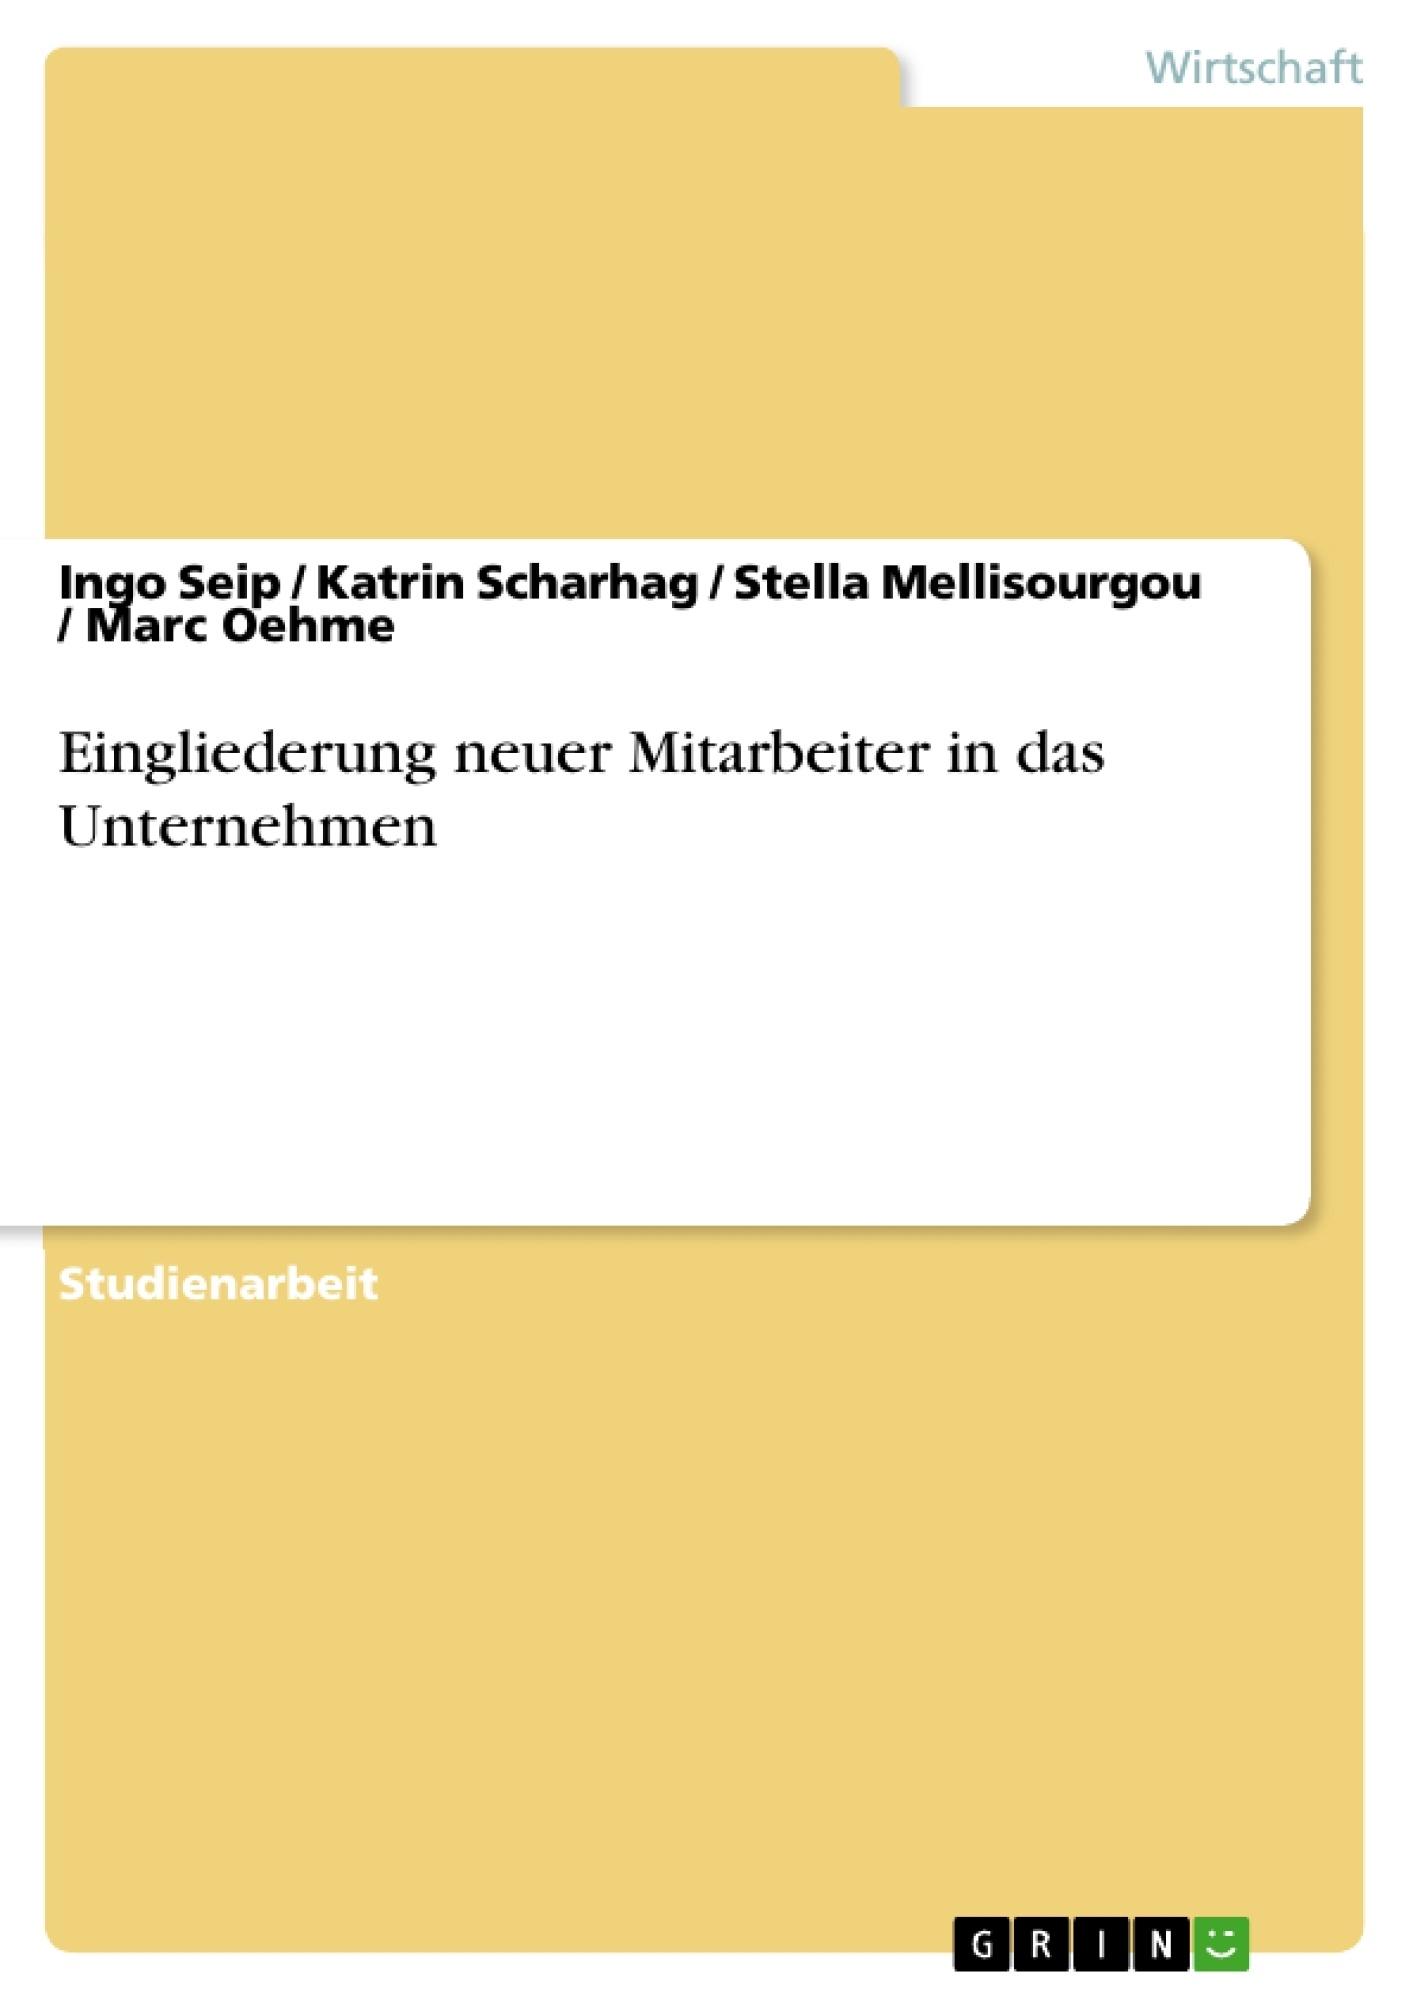 Titel: Eingliederung neuer Mitarbeiter in das Unternehmen